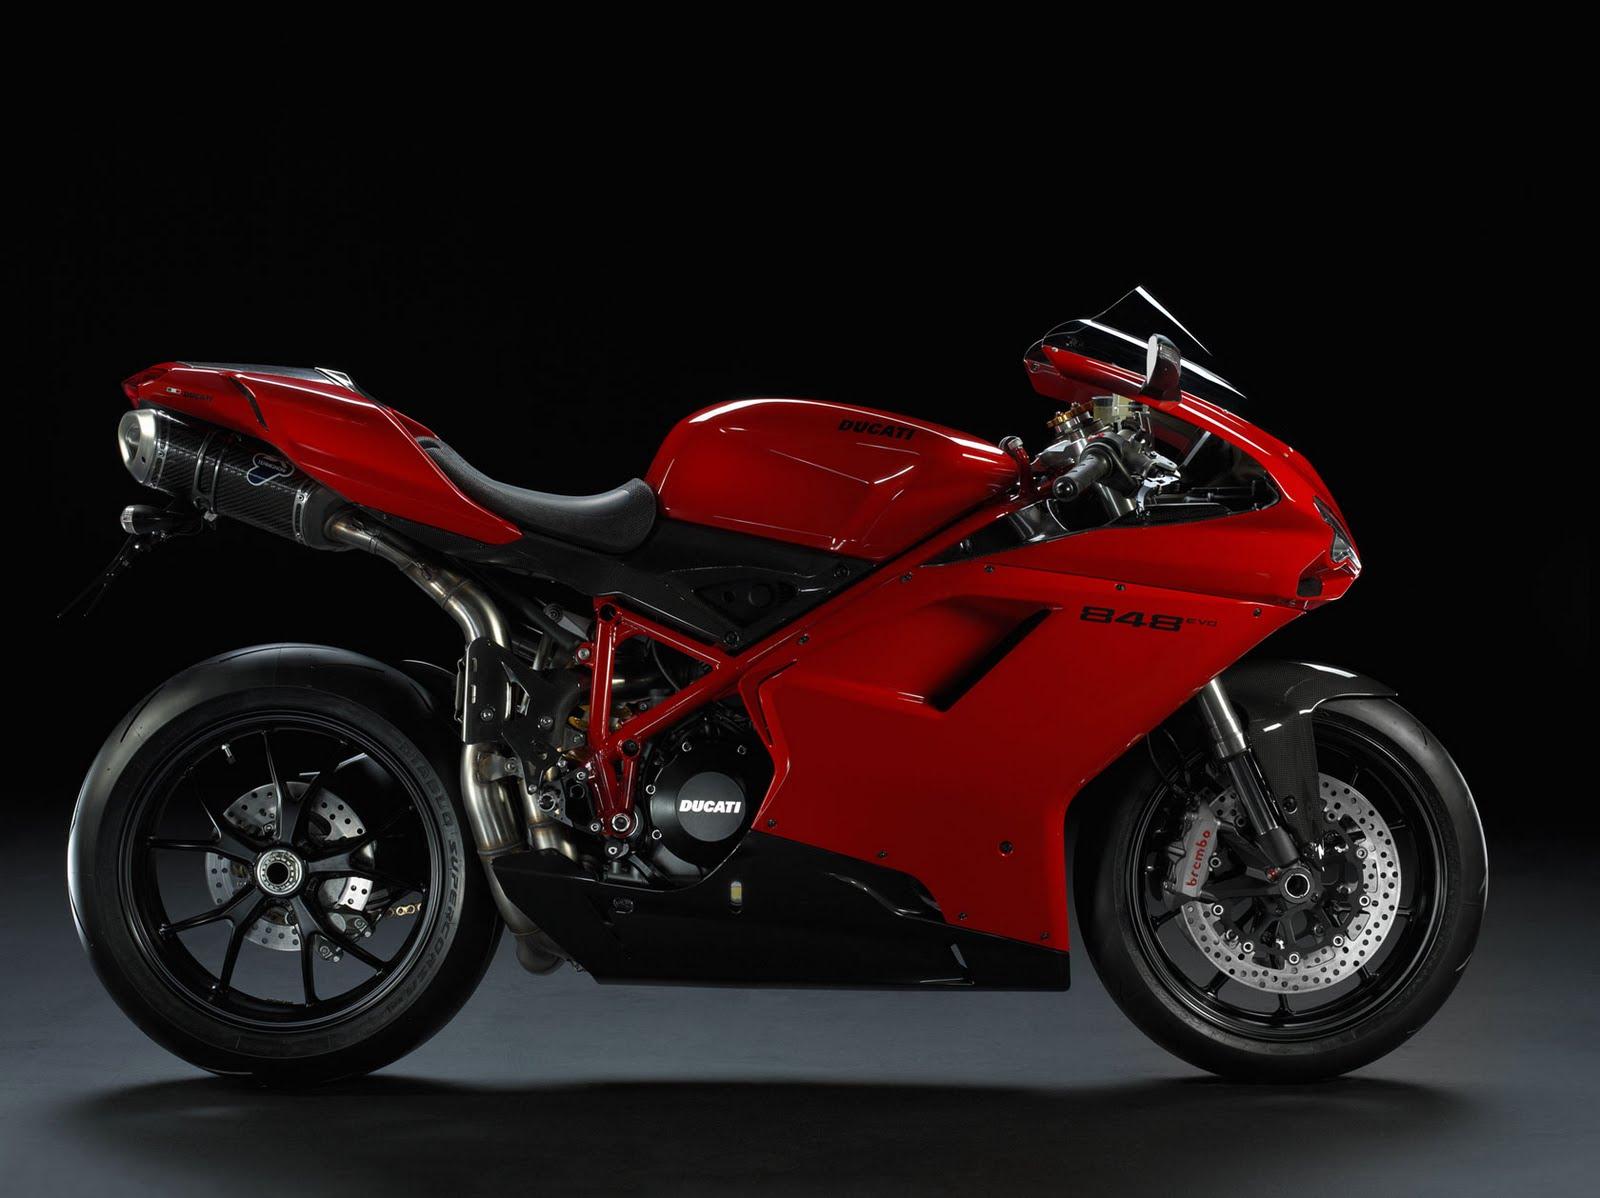 http://4.bp.blogspot.com/-S9s2aFUVxLY/TeKSQZQtHgI/AAAAAAAAAY4/8CG2Lsn9PZQ/s1600/2011-Ducati-848-EVO-Sportbike.jpg